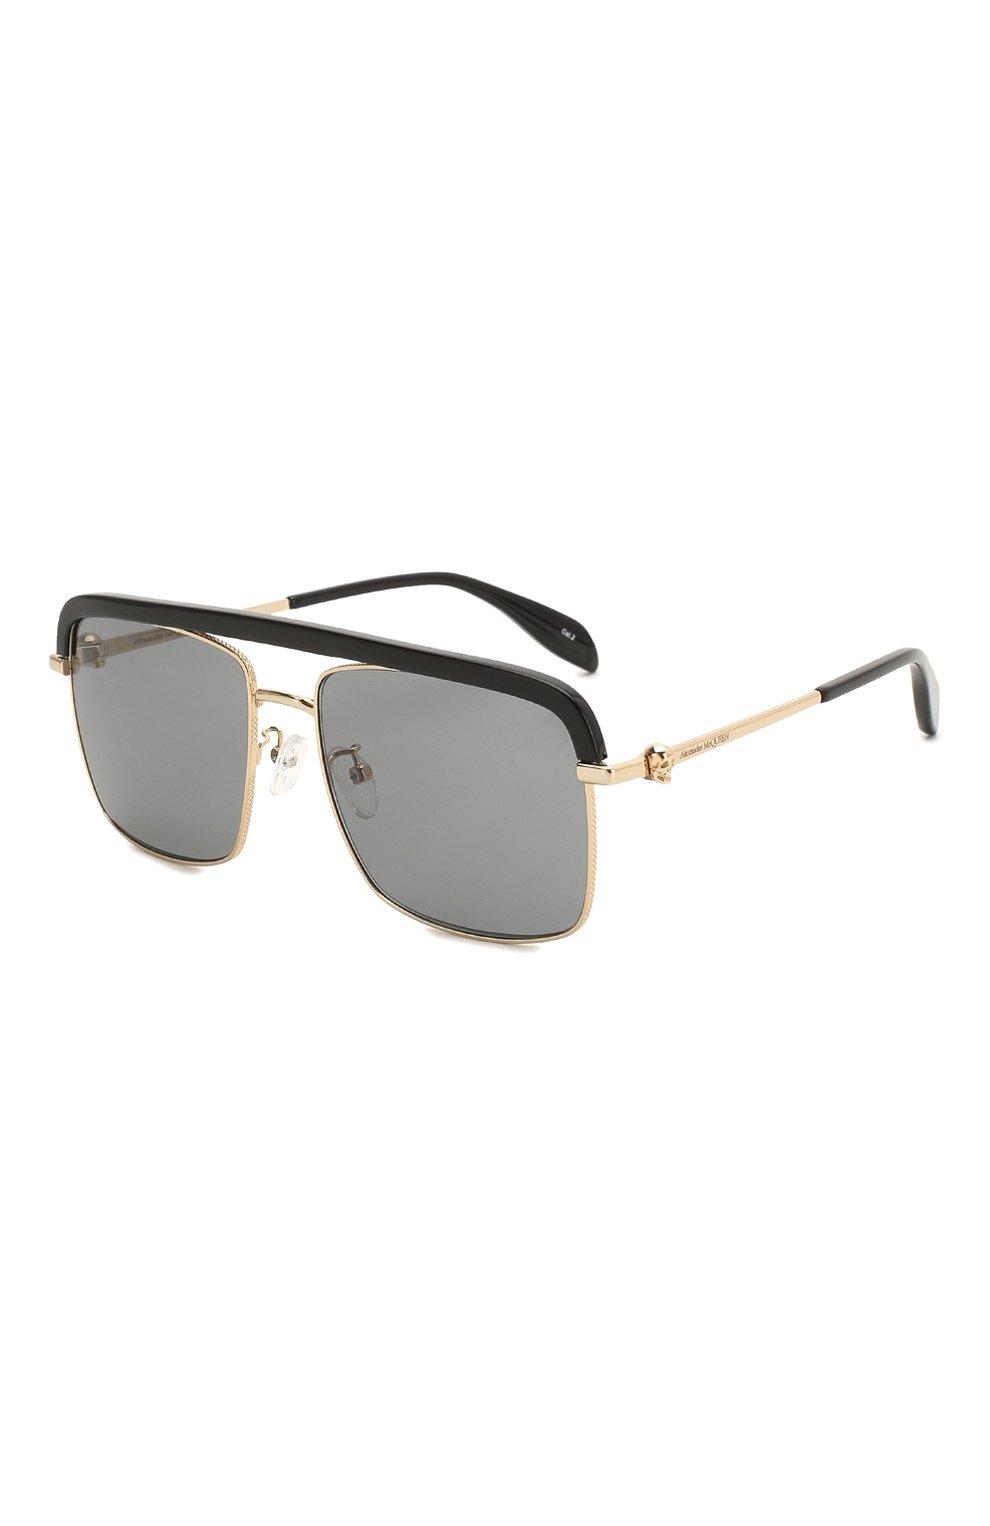 Женские солнцезащитные очки ALEXANDER MCQUEEN черного цвета, арт. AM0258S 001   Фото 1